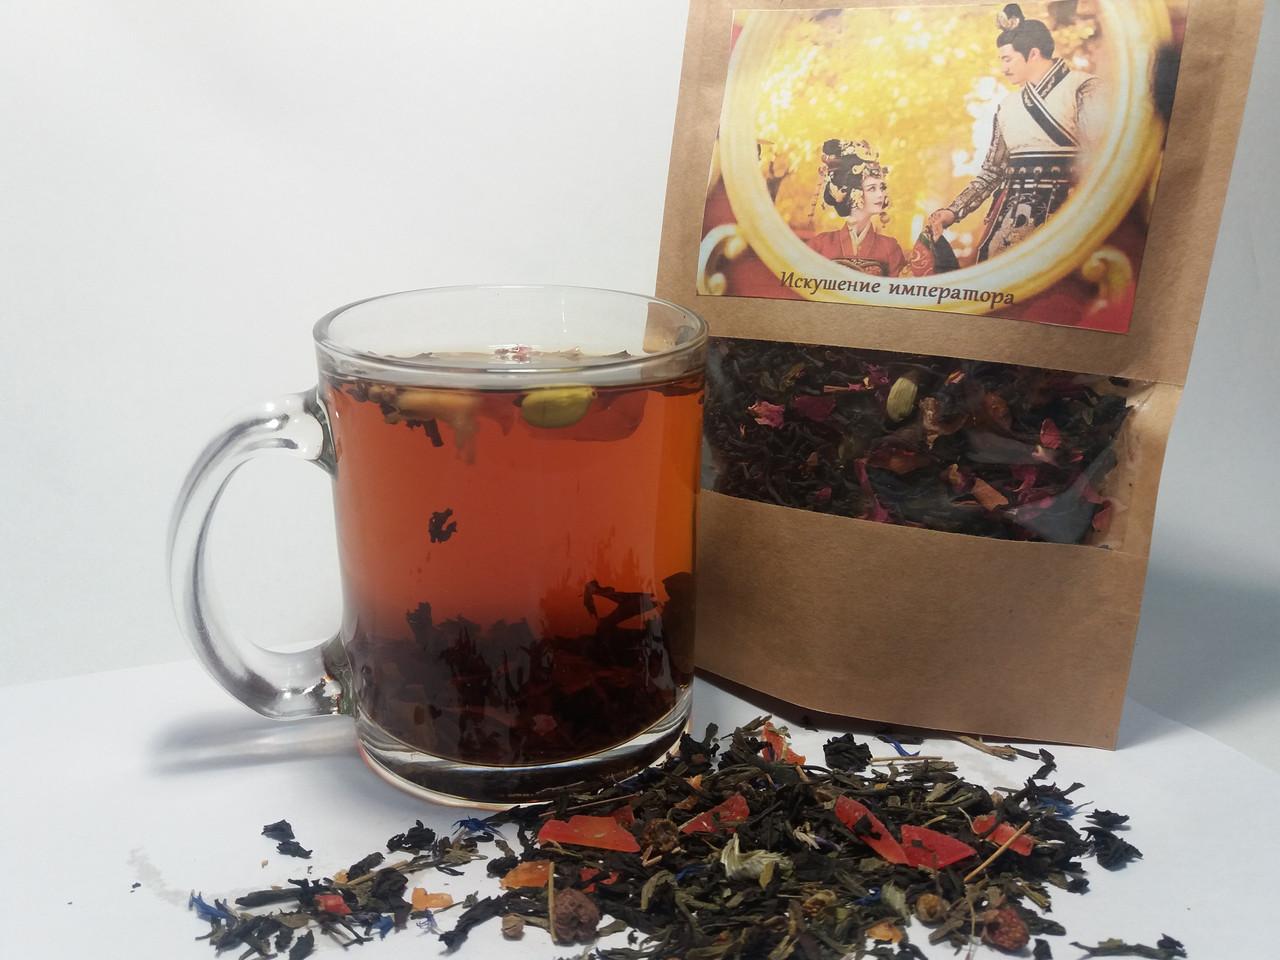 Композиционный на основе черного чая  «Искушение Императора»